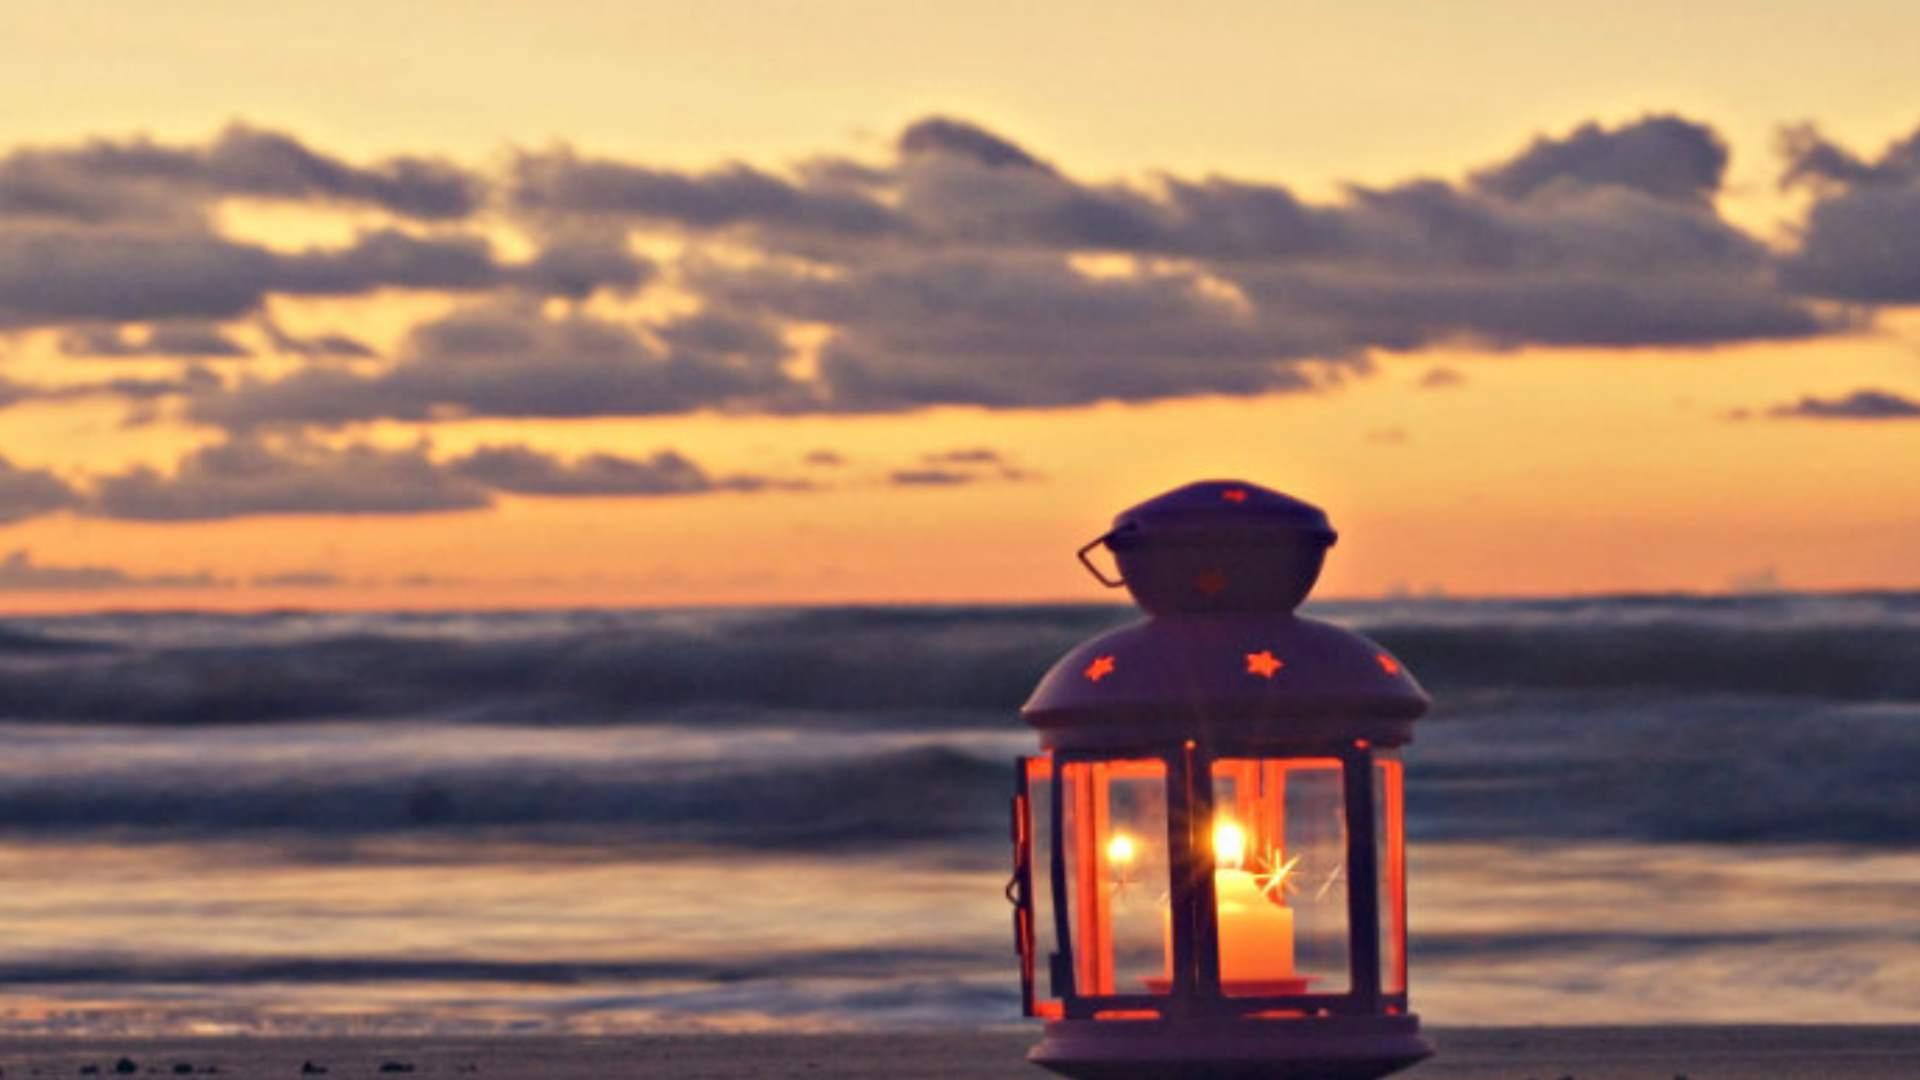 Cena Hd Wallpaper Offerta Cena Sulla Spiaggia Lume Candela Mare Gargano